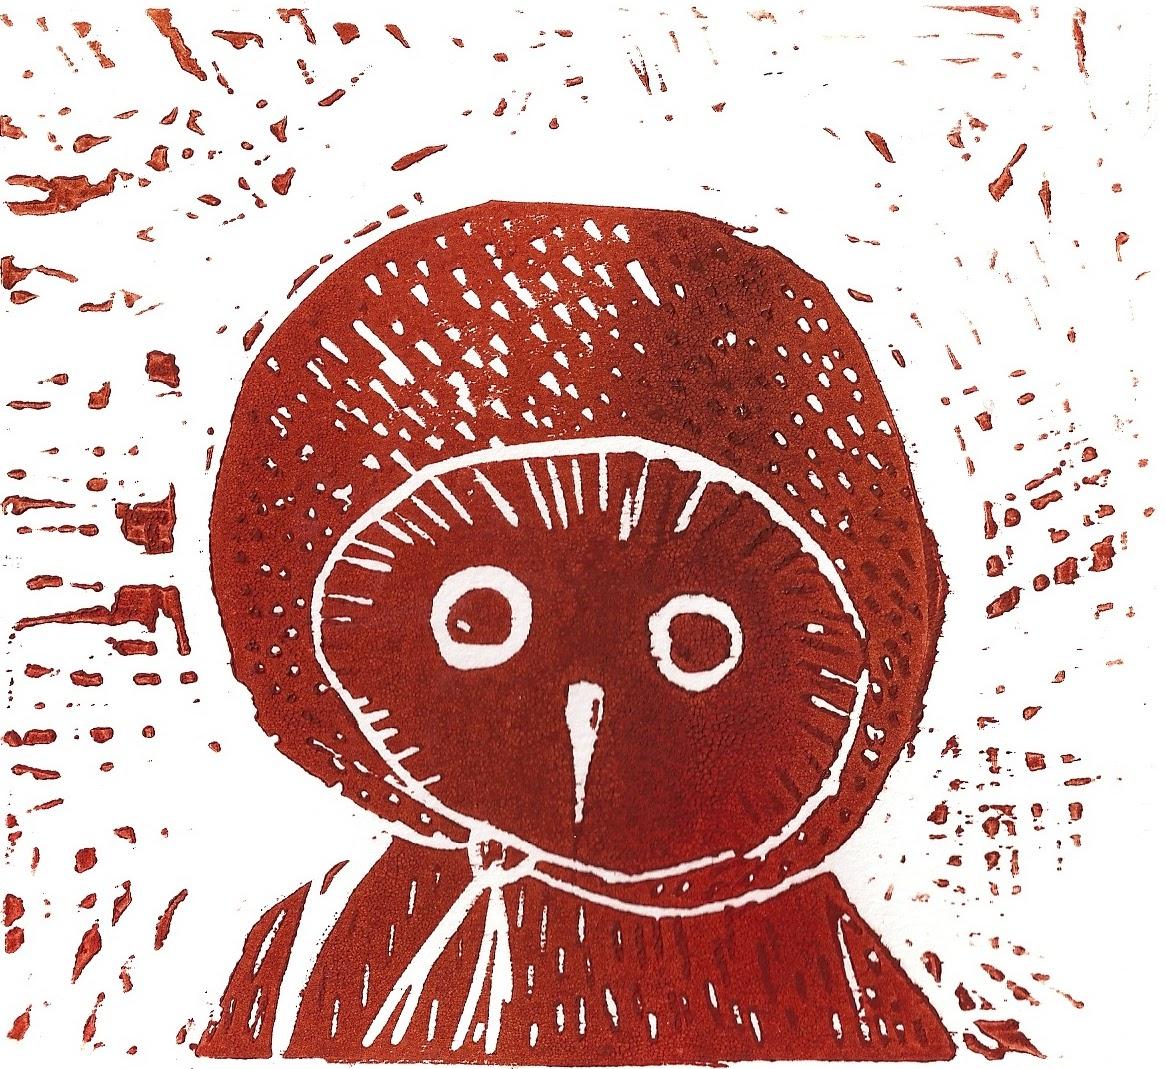 http://1.bp.blogspot.com/-S99EjNHg5Mg/Tx5KYc4DYPI/AAAAAAAABQg/eu4-54njRfw/s1600/uiltjelino.jpg